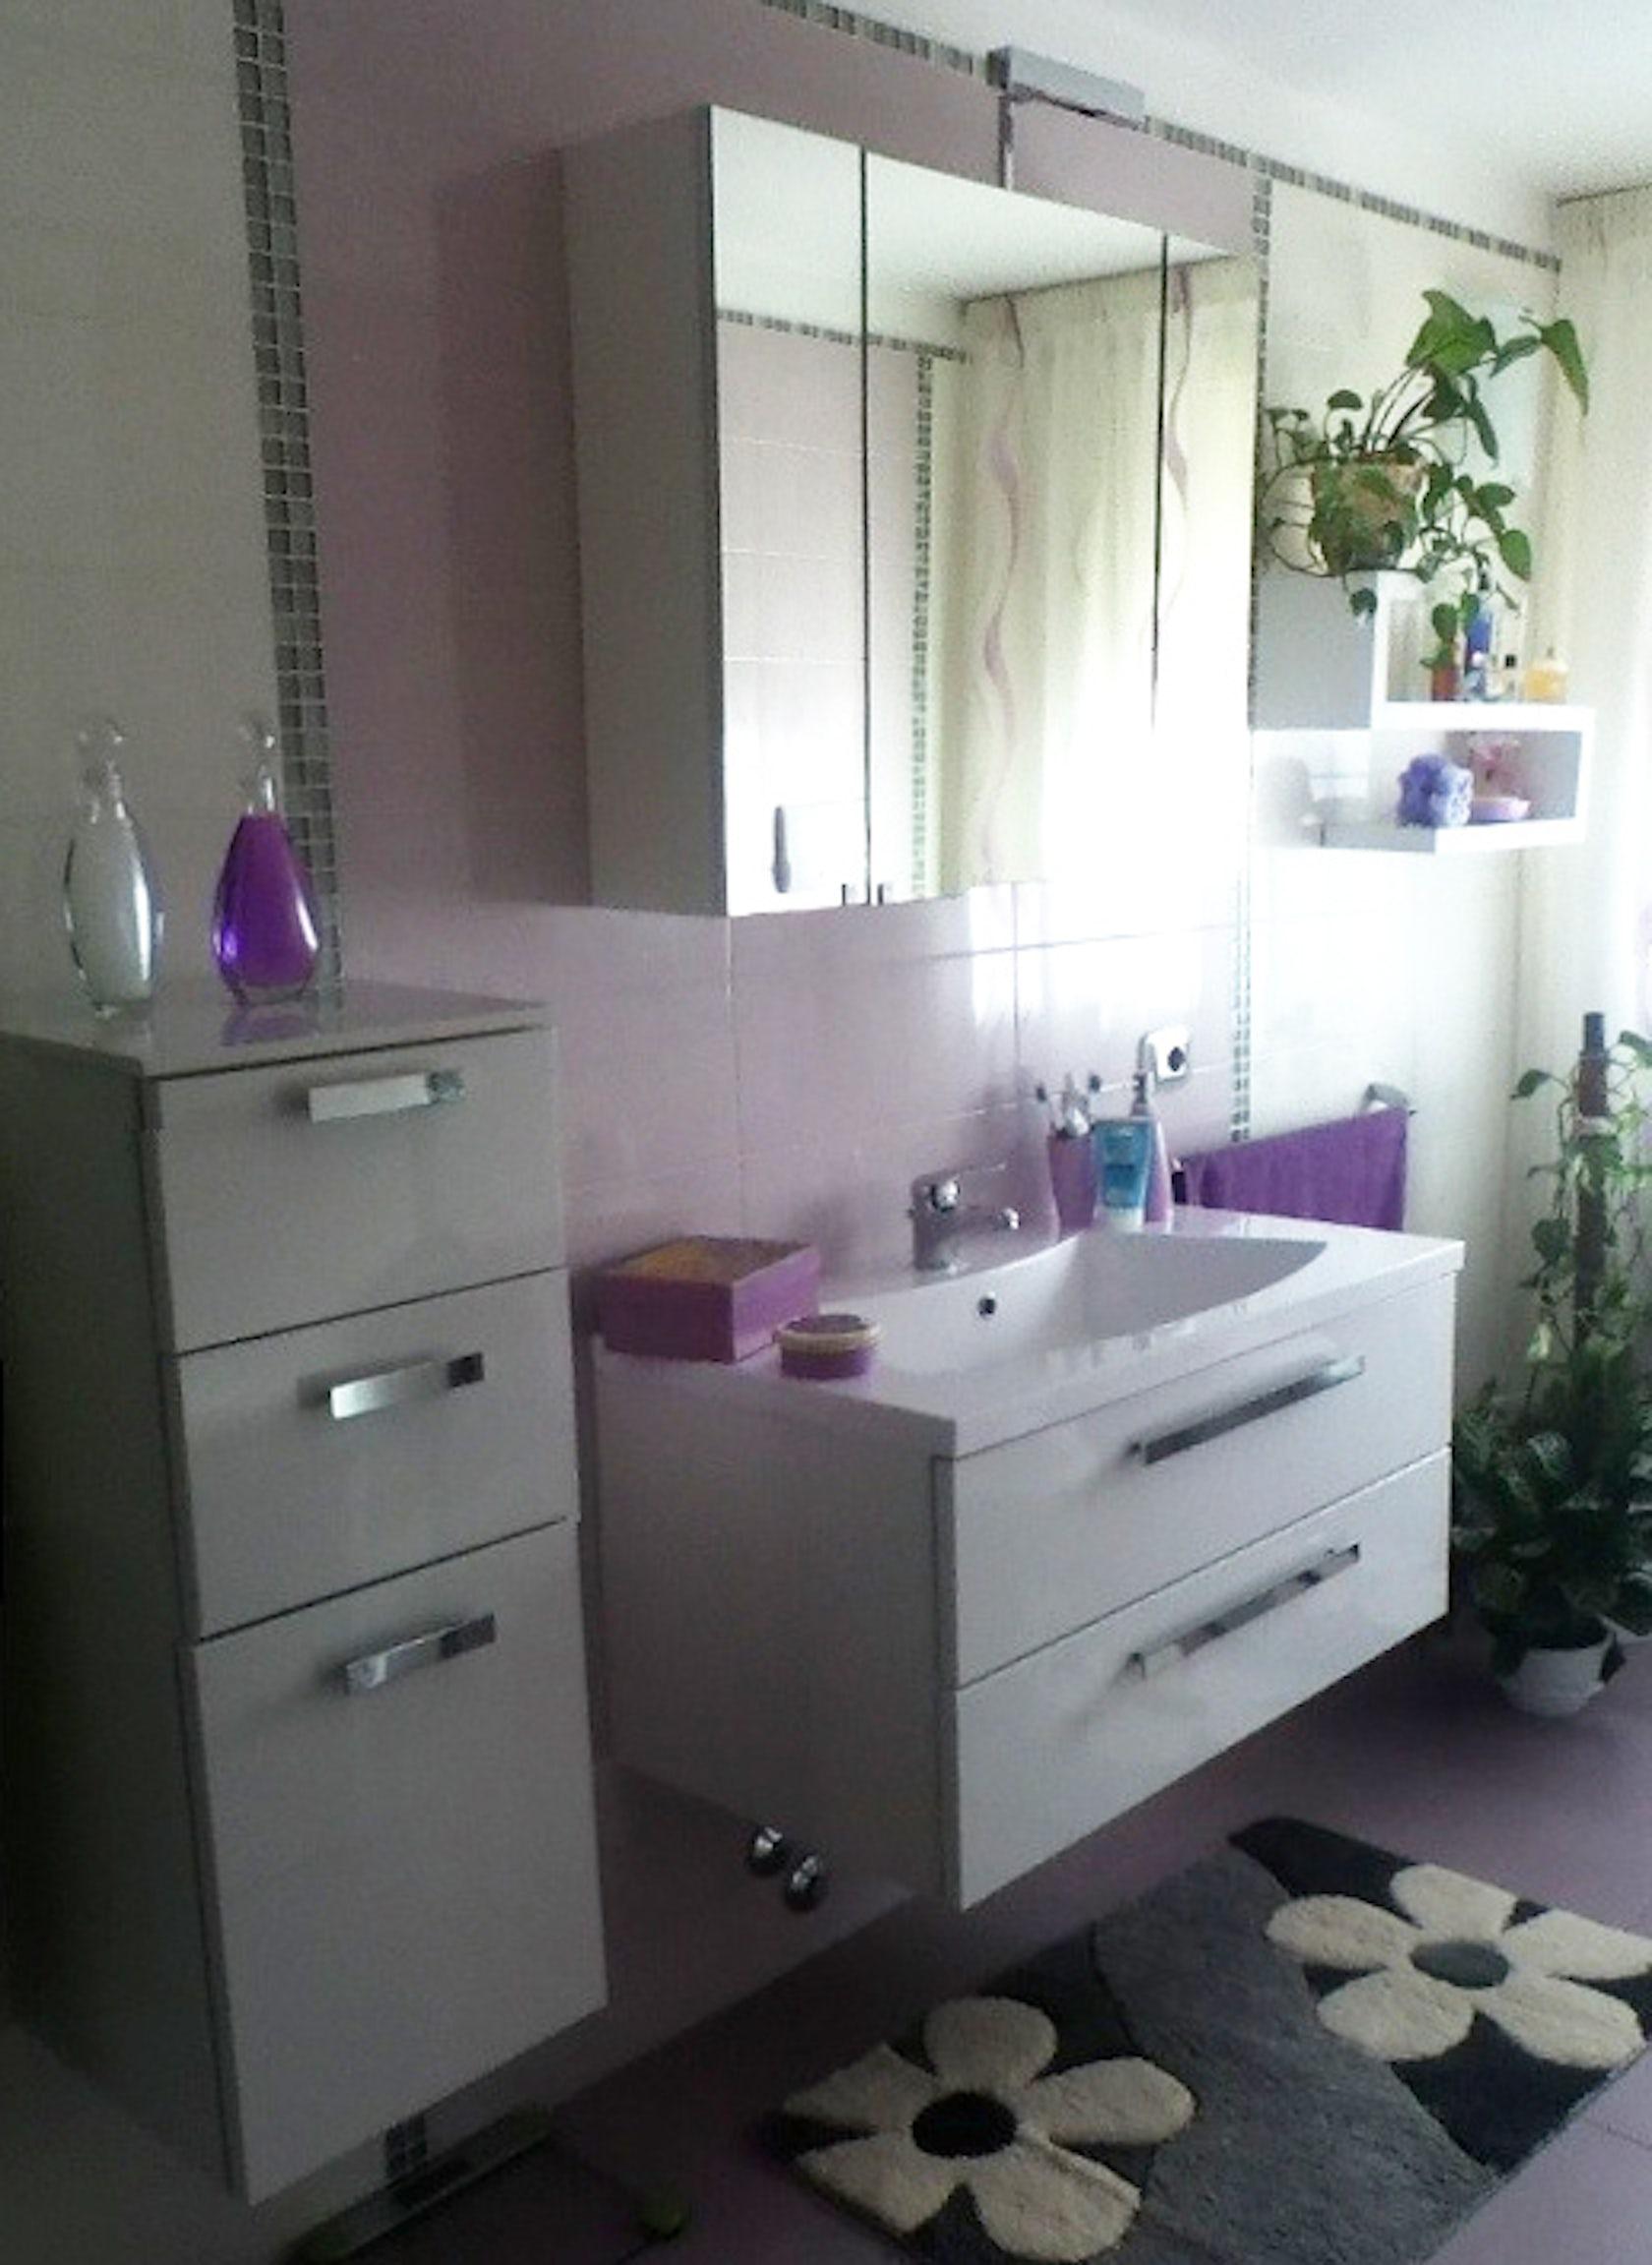 Arredo bagno bianco su parete lilla - Architizer